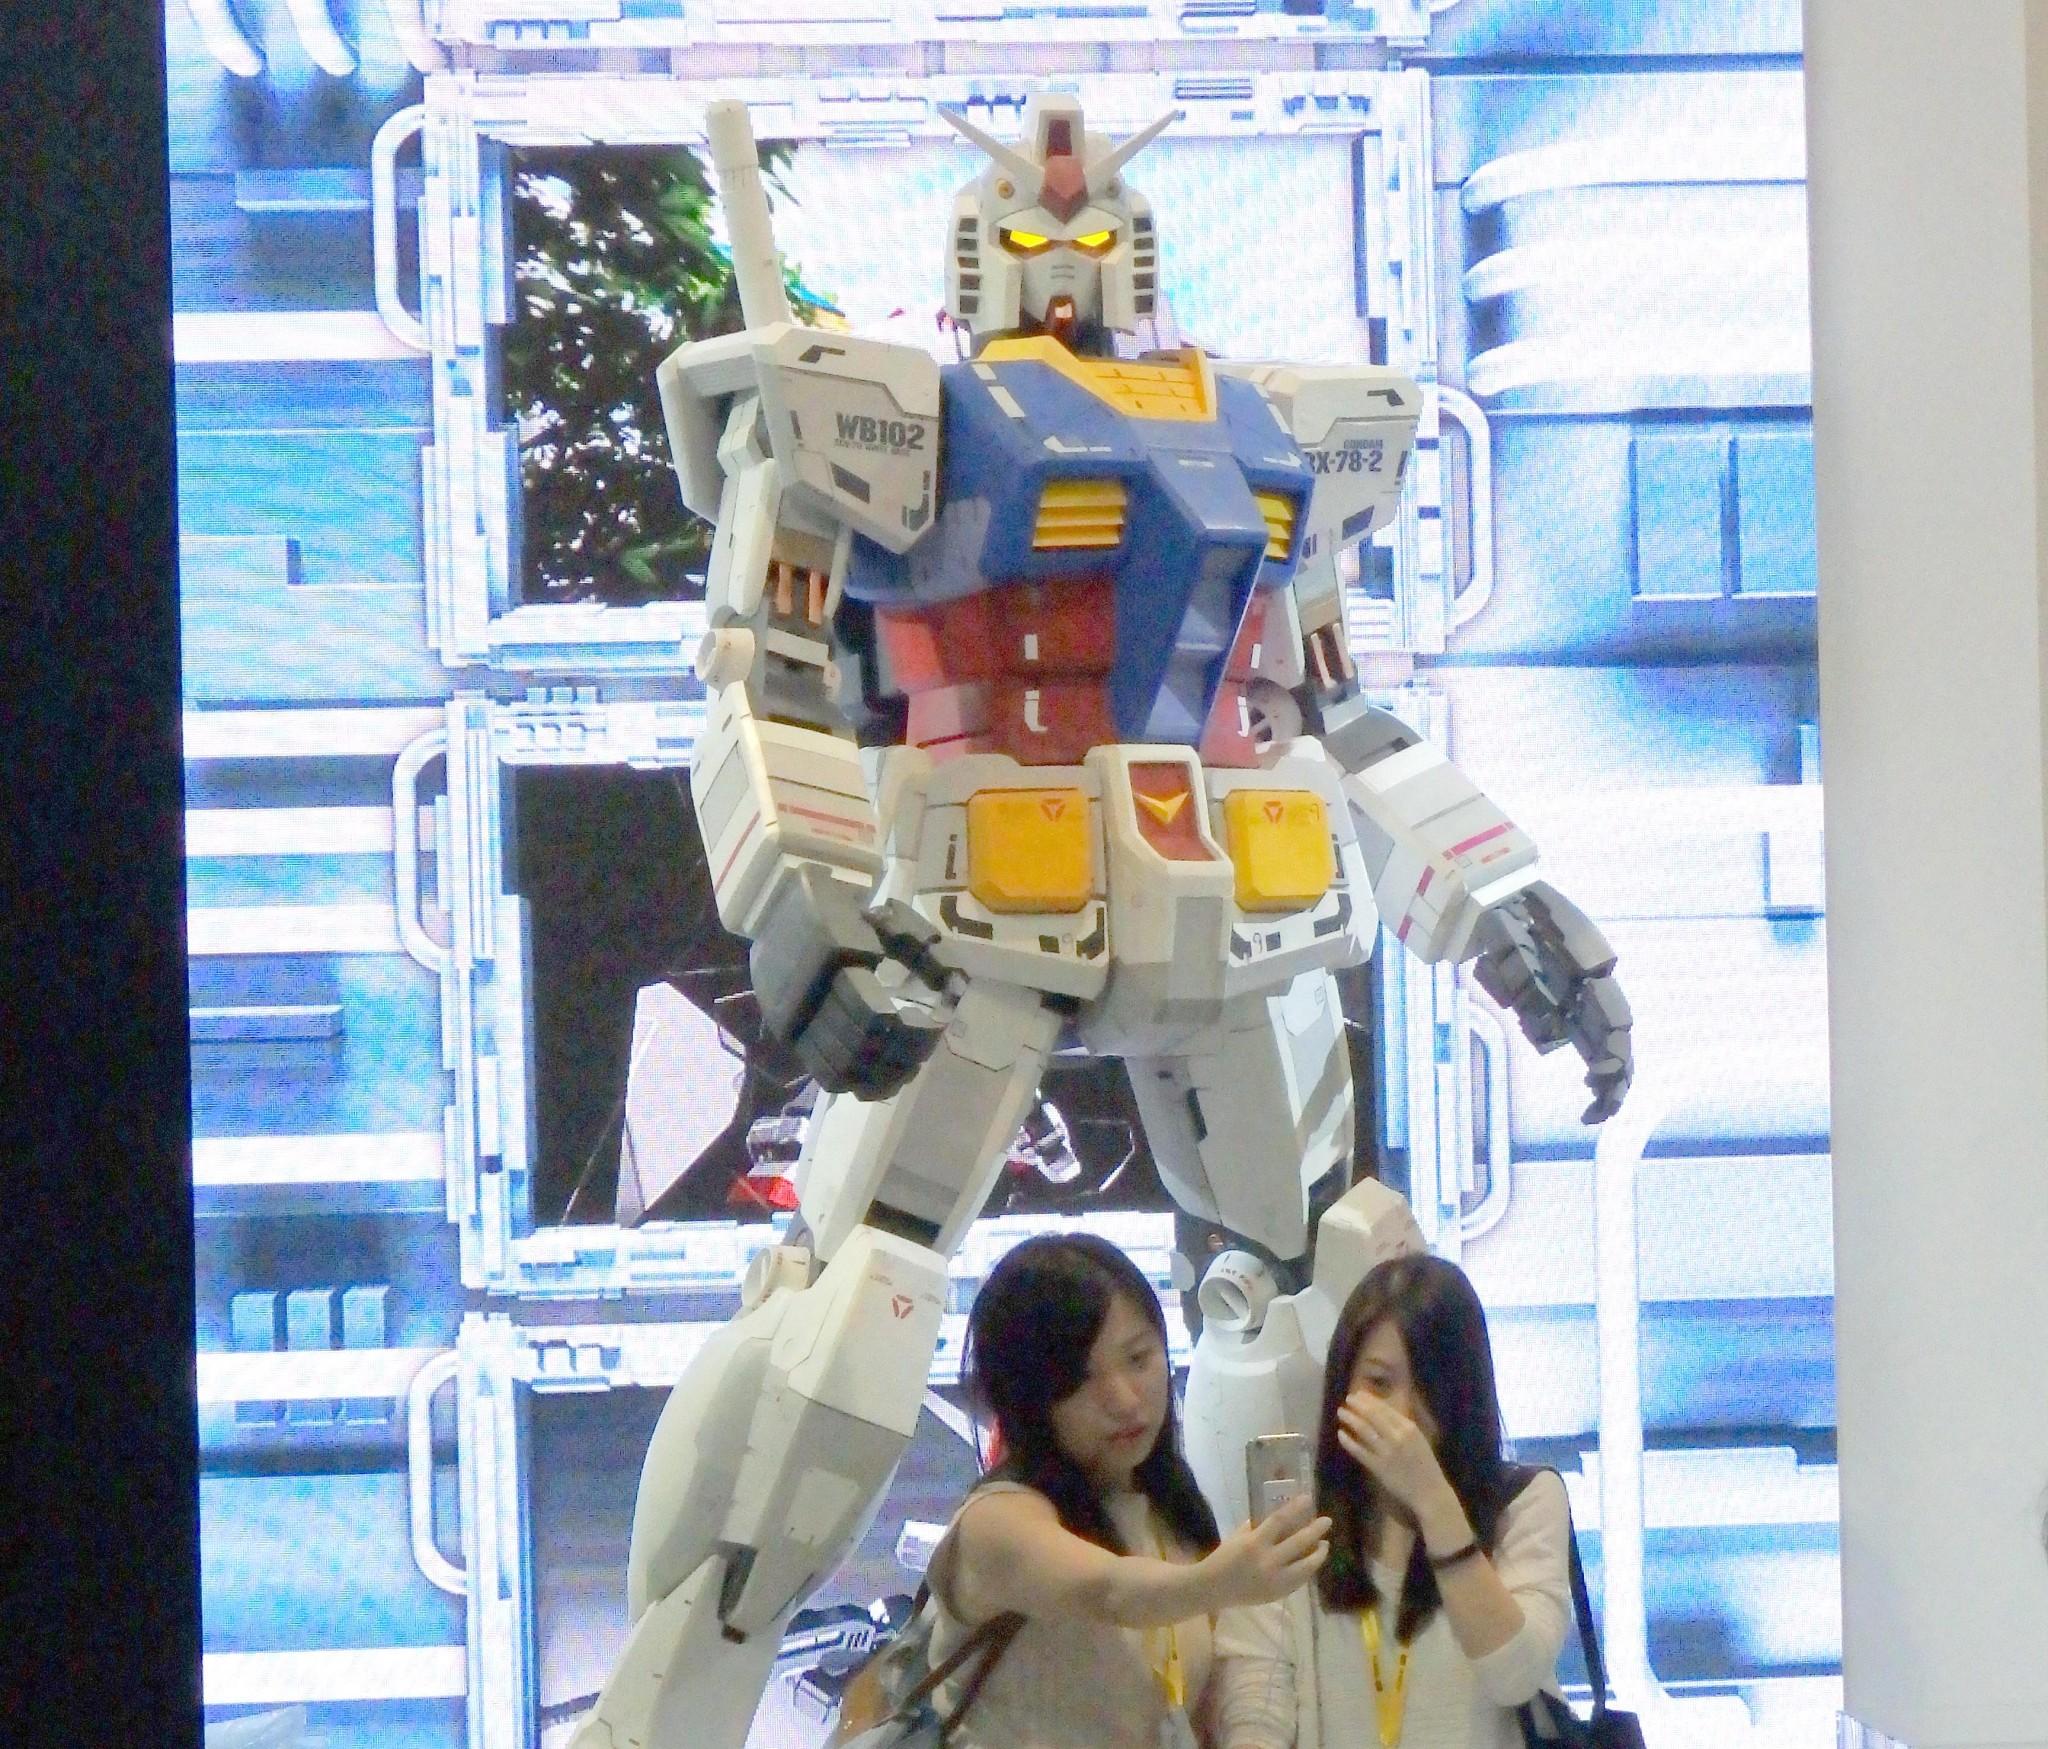 〔動漫節 2016〕 Gundam 迷必到 Gunpla EXPO 同大型 Gundam 合照